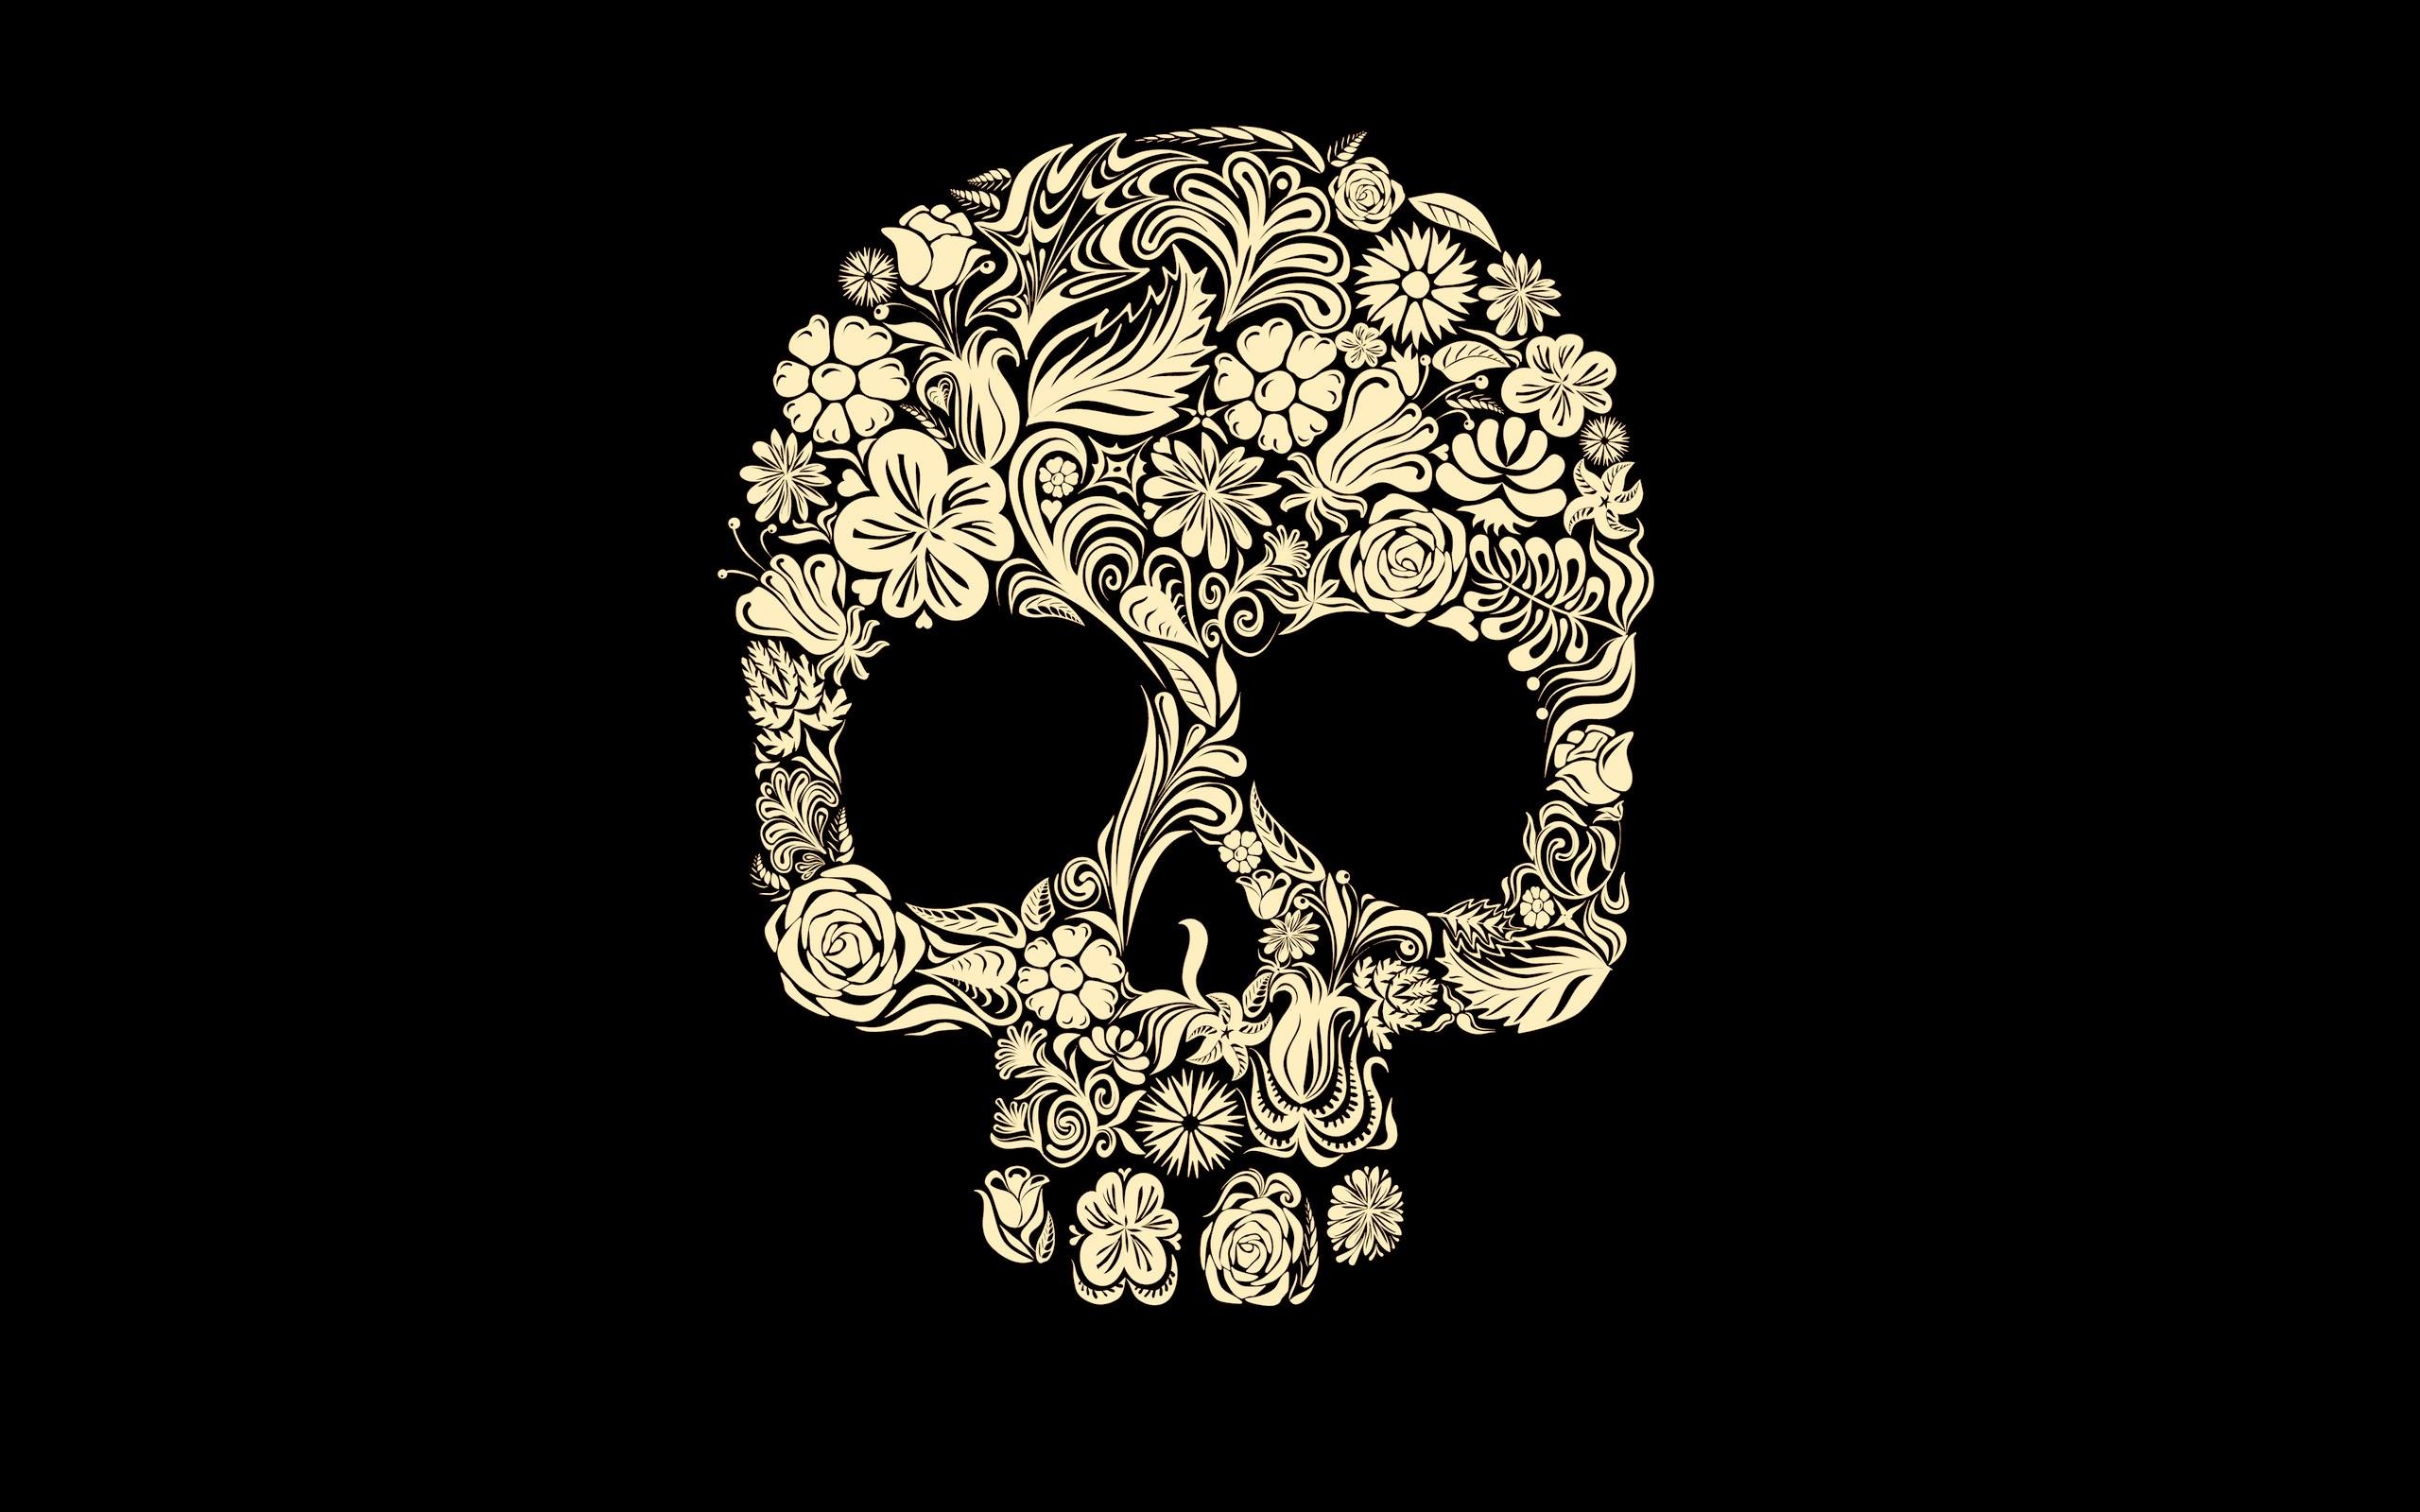 Dark Skull Wallpaper 2560x1600 Dark Skull 2560x1600